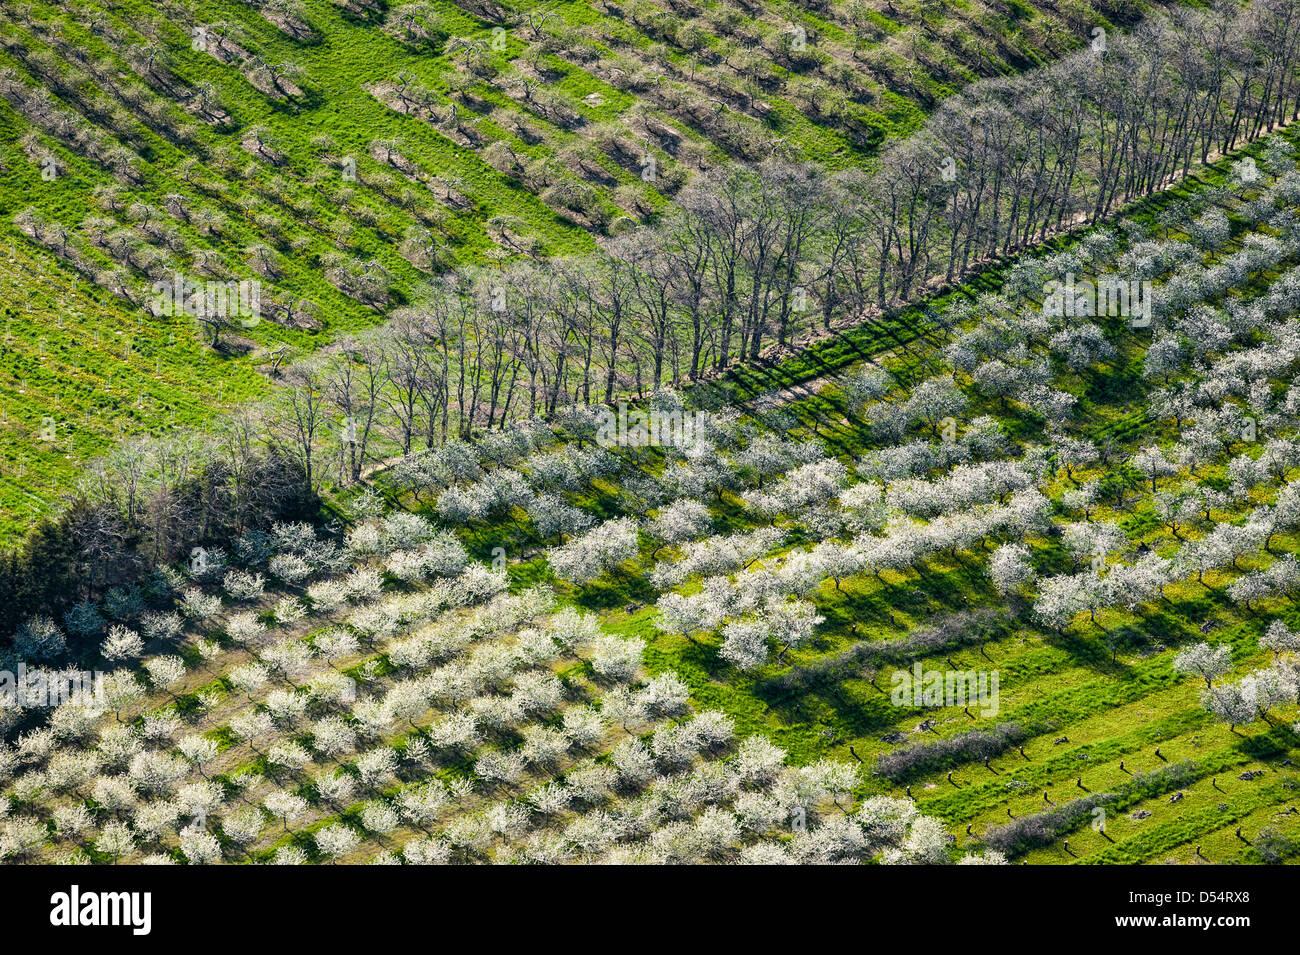 Vista aerea di Cherry Orchard Spring blossoms a Mason County, Michigan, Stati Uniti d'America. Fotografia di Jeffrey Wickett, NorthLight fotografia. Foto Stock